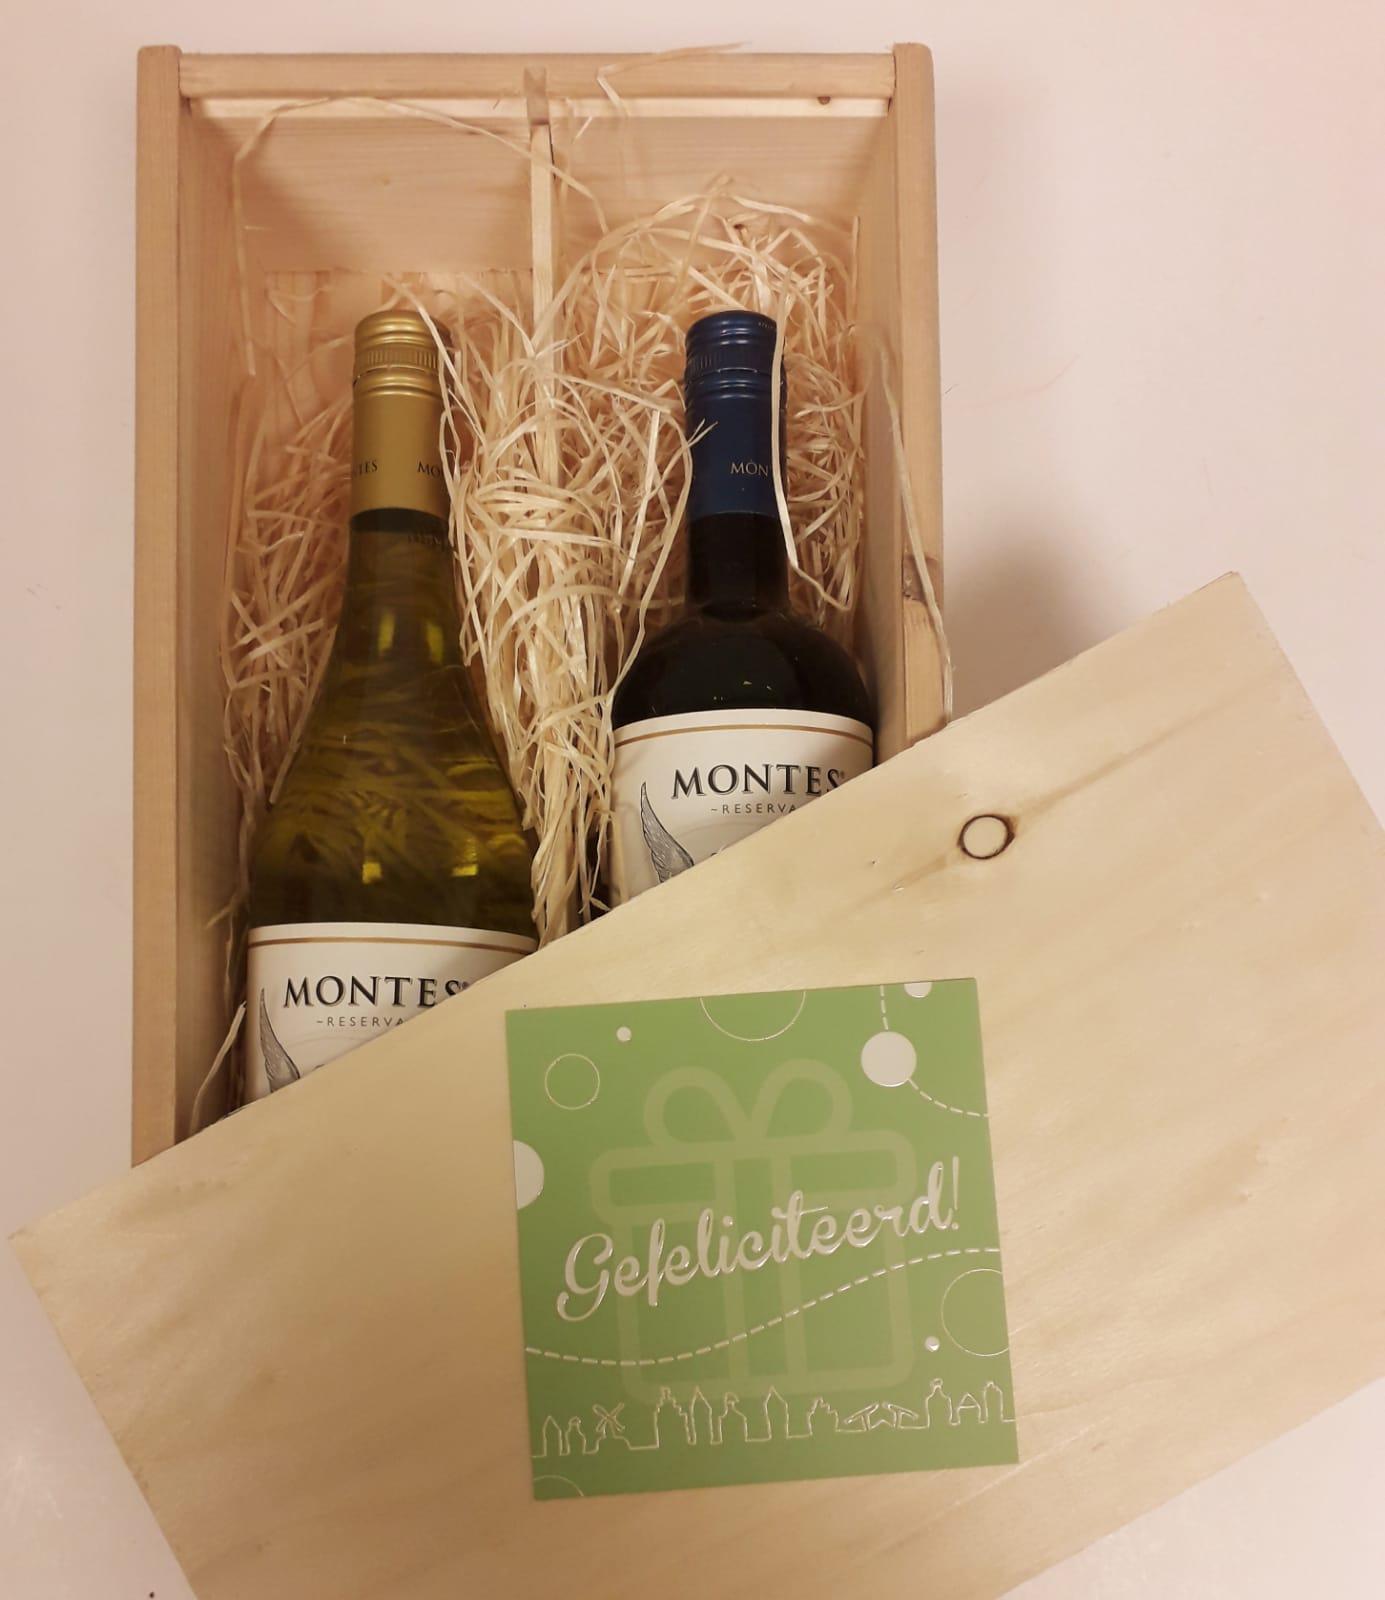 Wijn Als Cadeau 5x Tips Voor Een Origineel Wijngeschenk